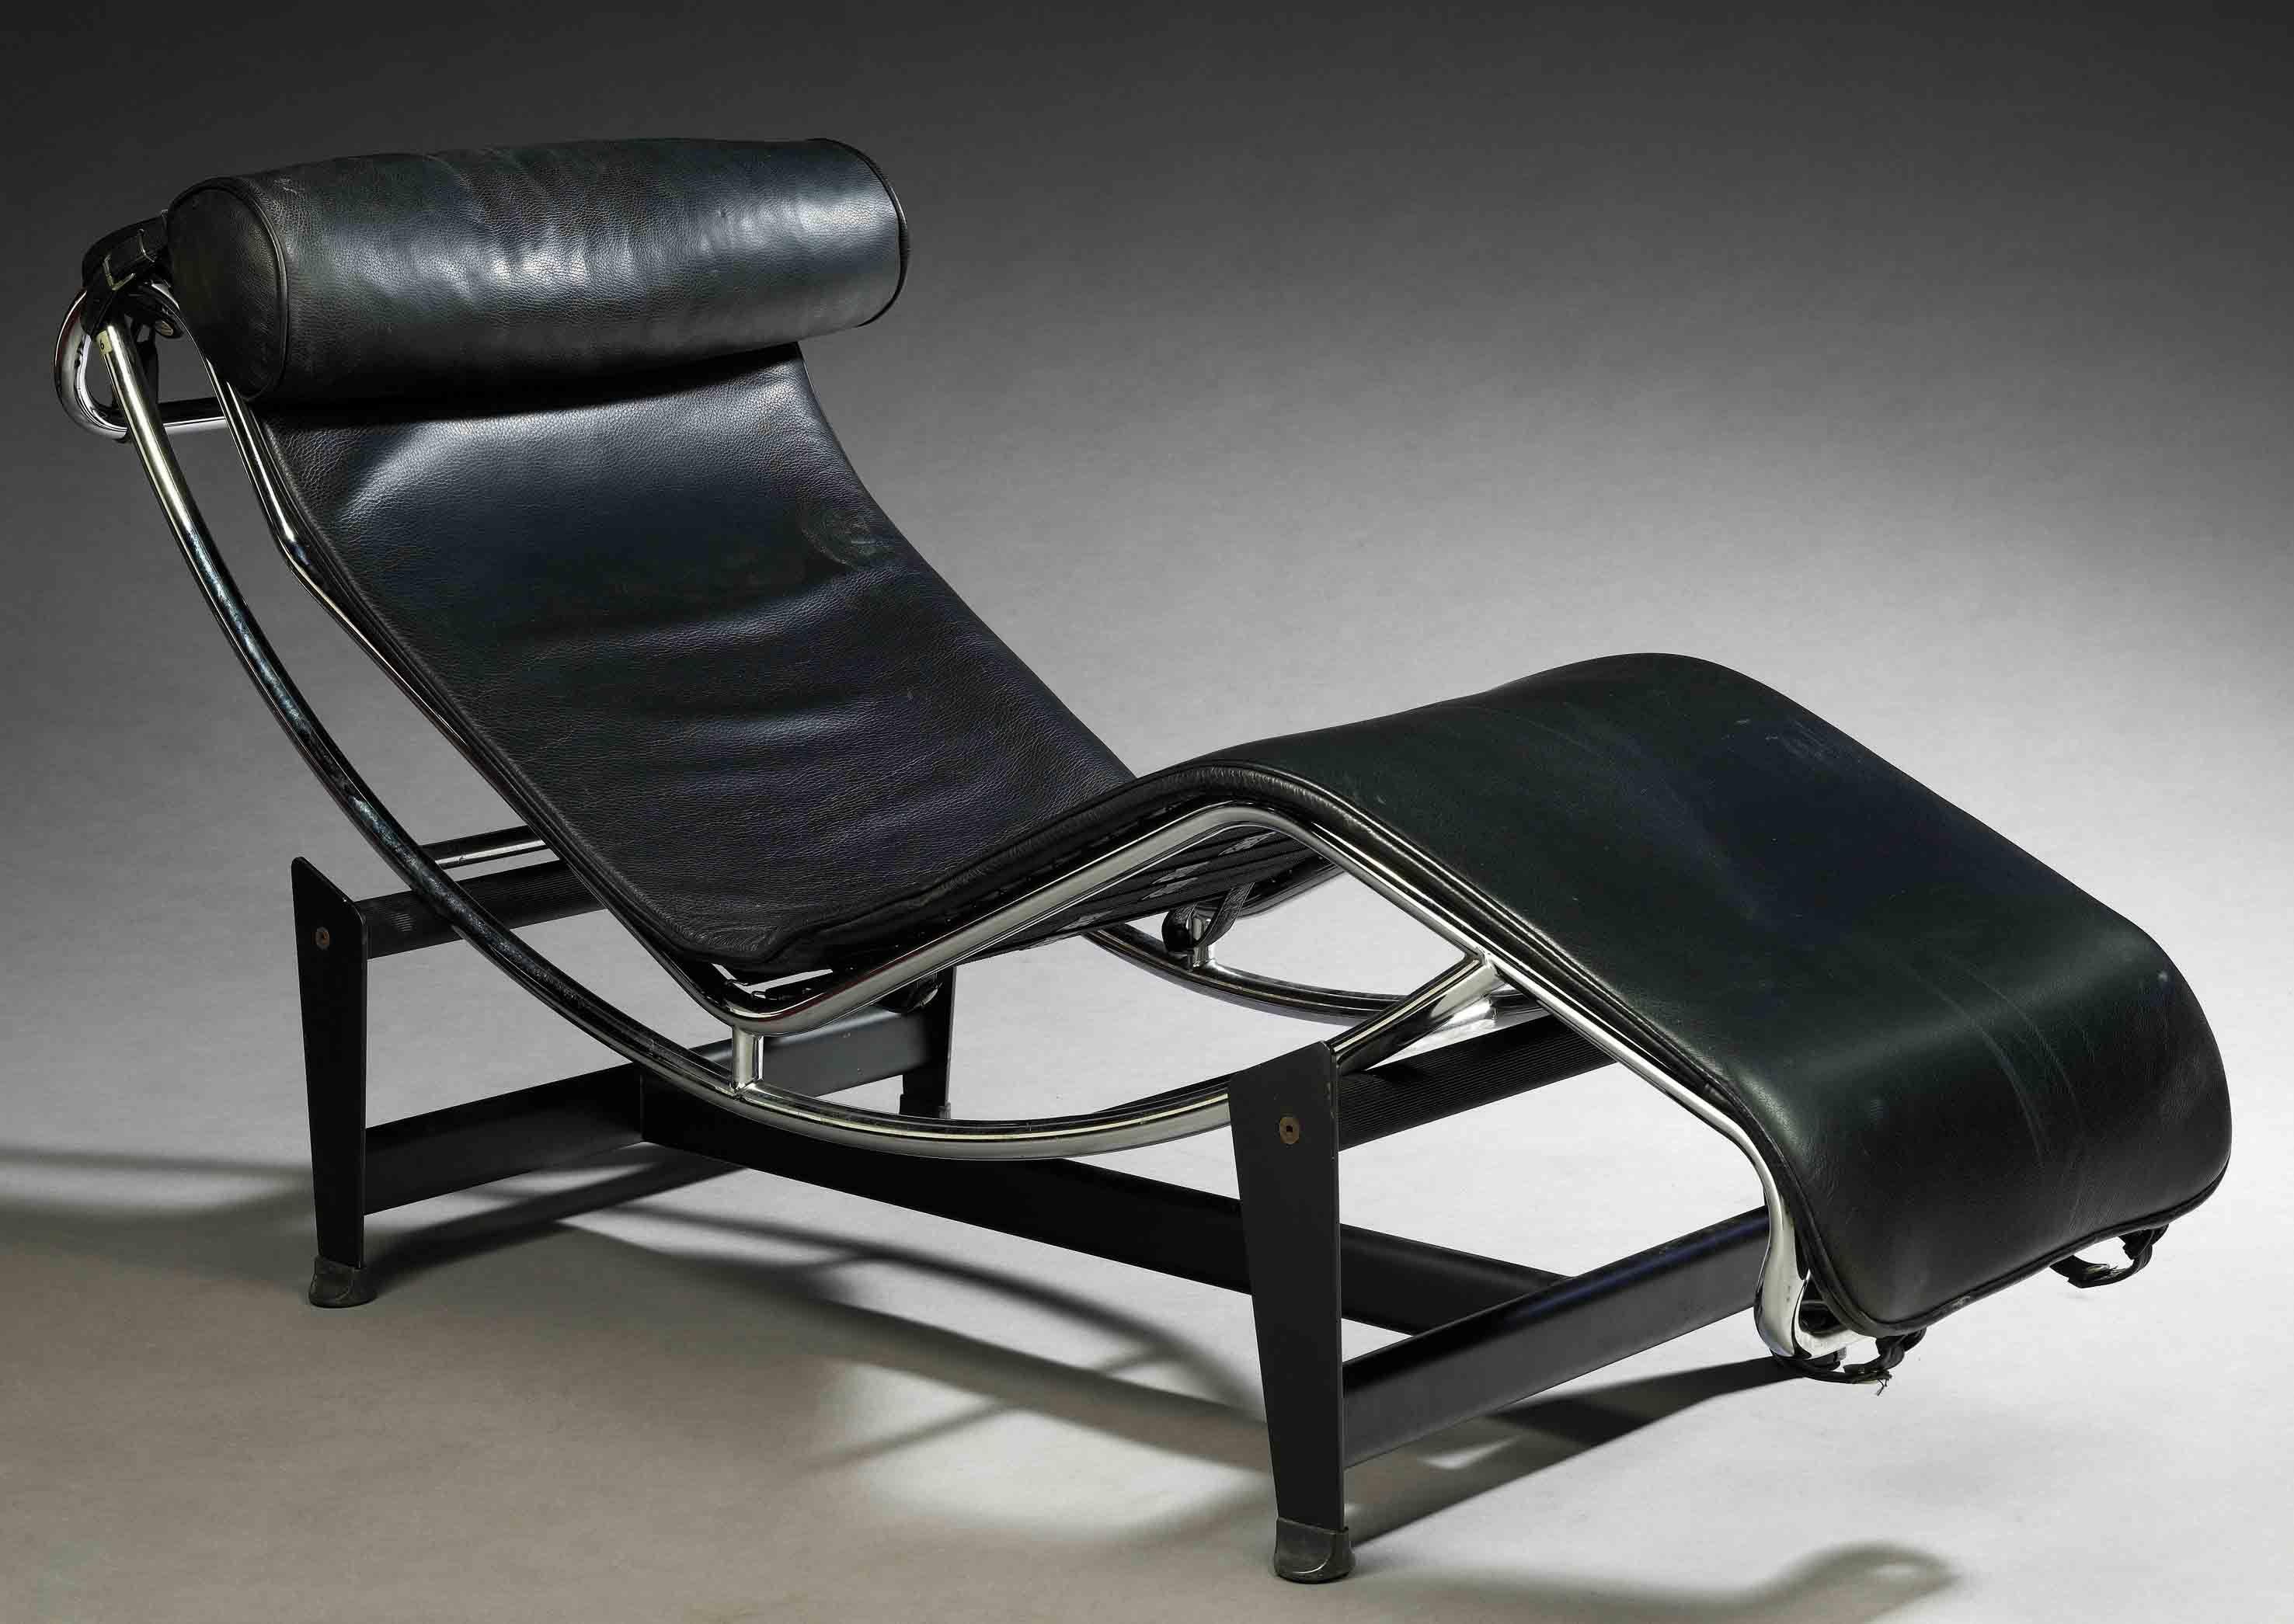 chaise longue designer le corbusier